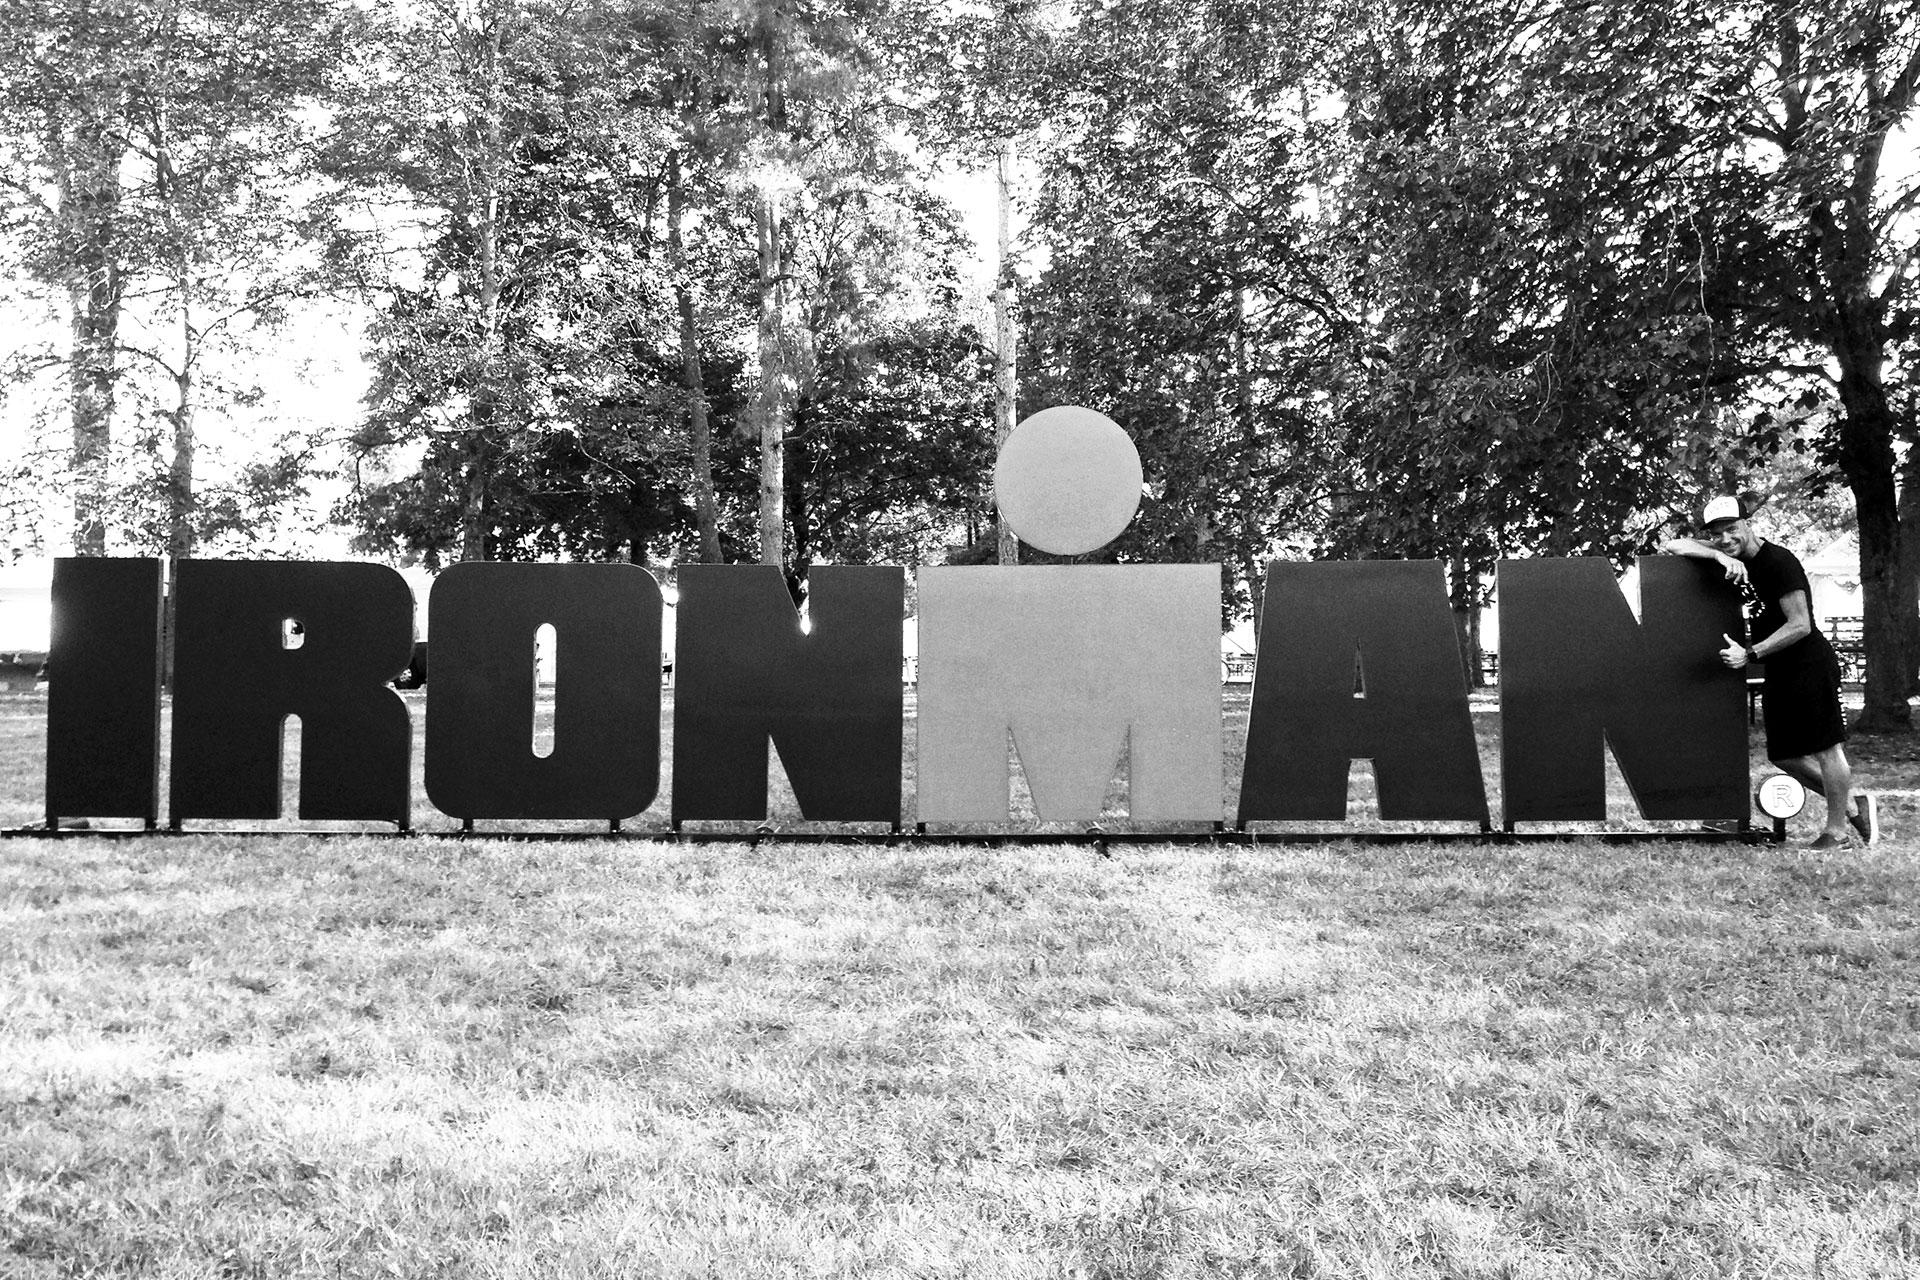 IRONMAN VICHY 2016 The Story: Echter Erfolg mit virtuellen Nebenwirkungen / Das Ironman Branding an allen Orten der Stadt ©stefandrexl.de